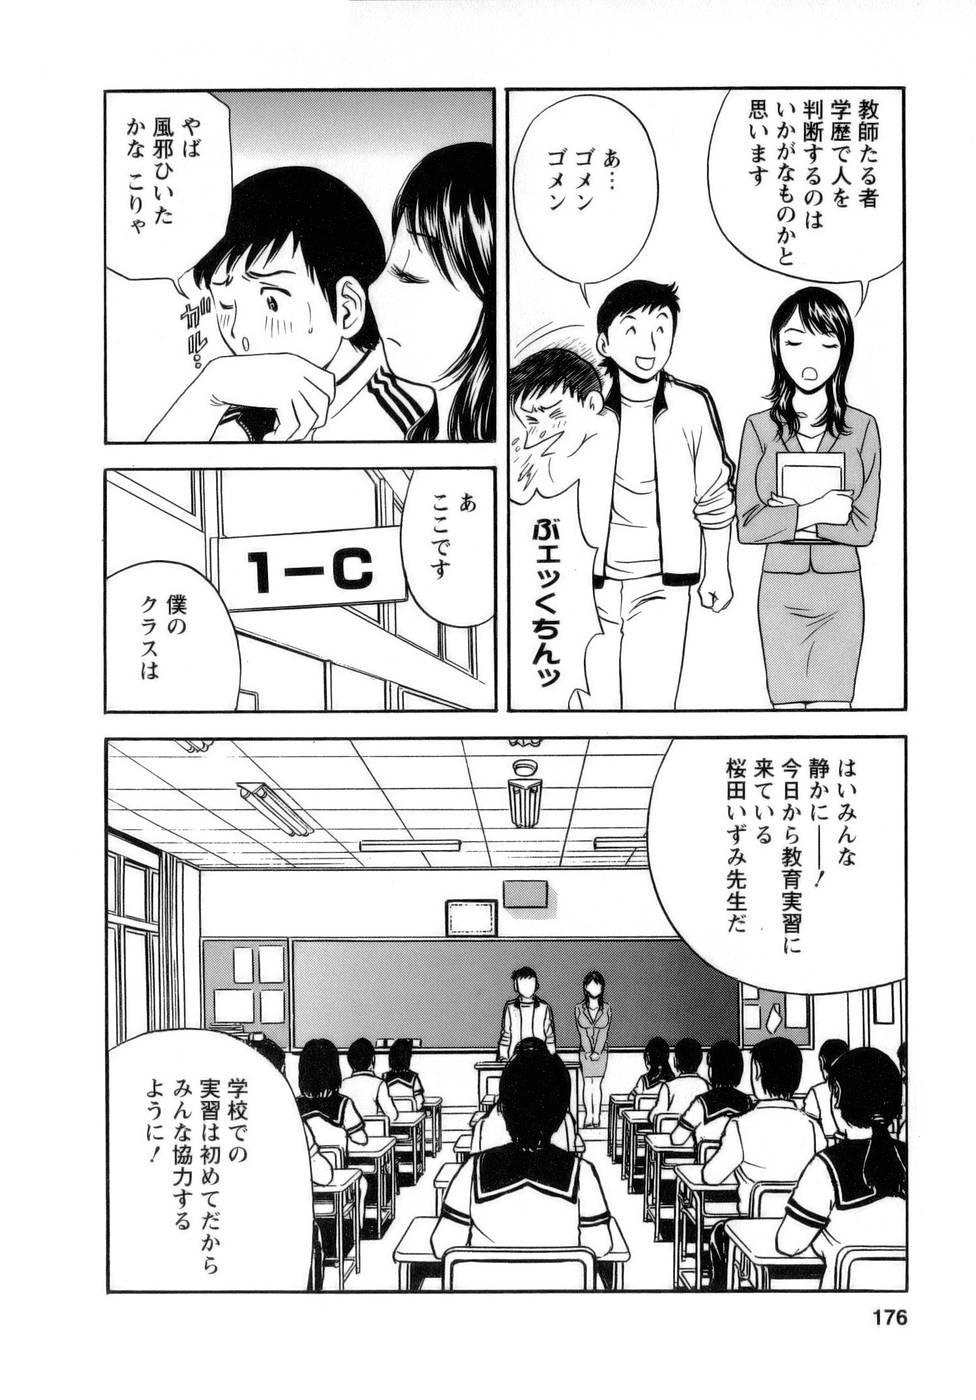 [Hidemaru] Mo-Retsu! Boin Sensei (Boing Boing Teacher) Vol.1 175